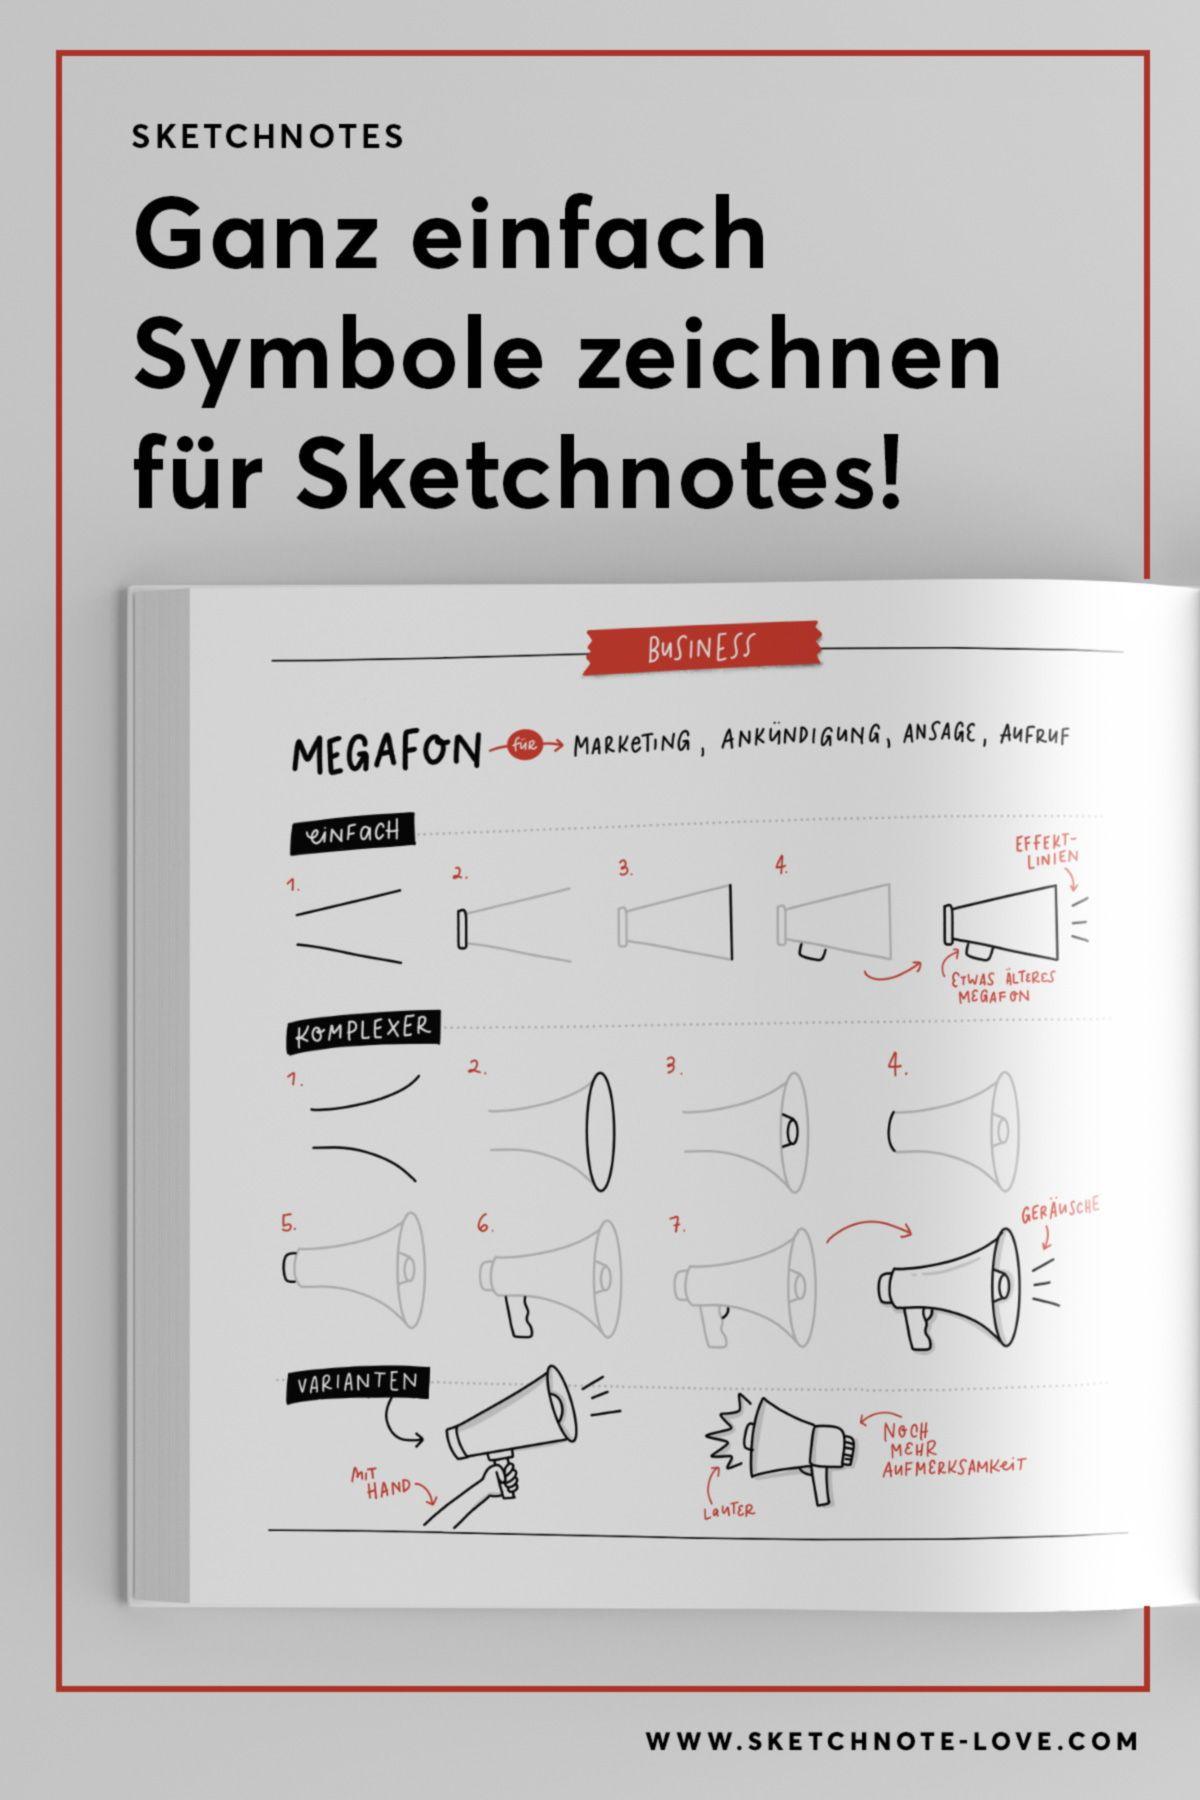 Sketchnotes Die Grosse Symbolbibliothek In 2020 Zeichenanleitungen Journaling Ideen Grafik Erstellen